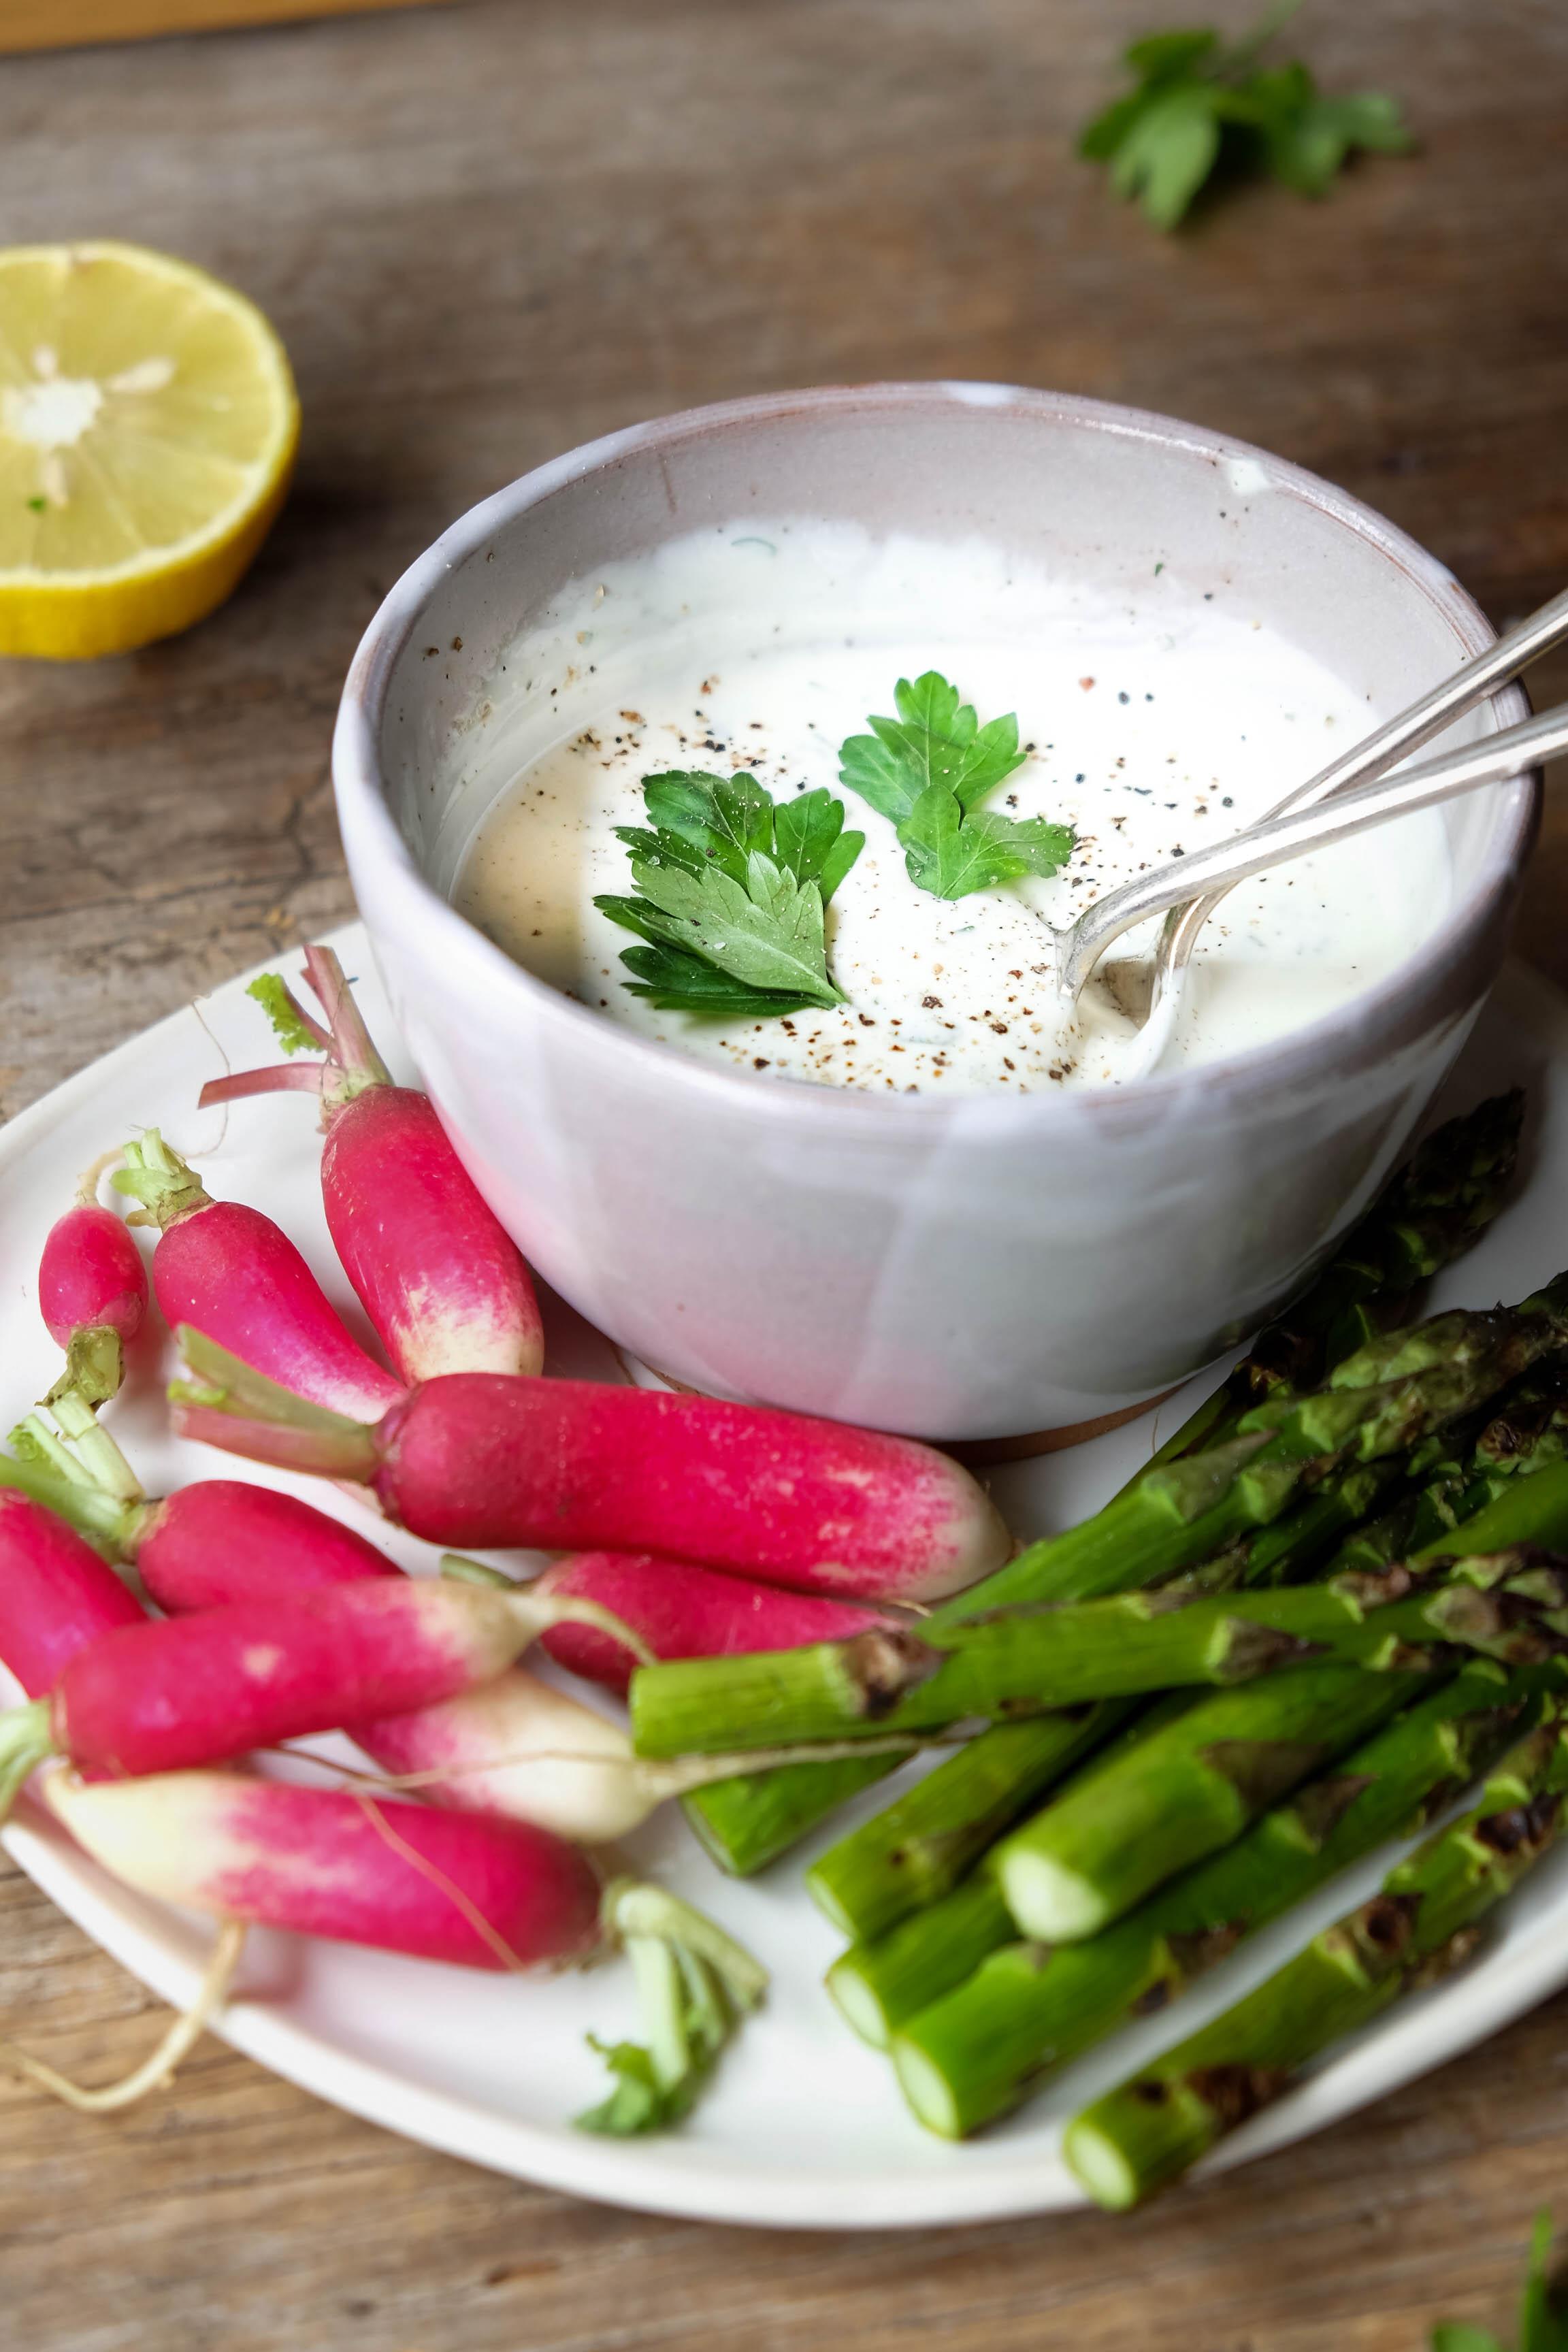 Healthy yoghurt dip